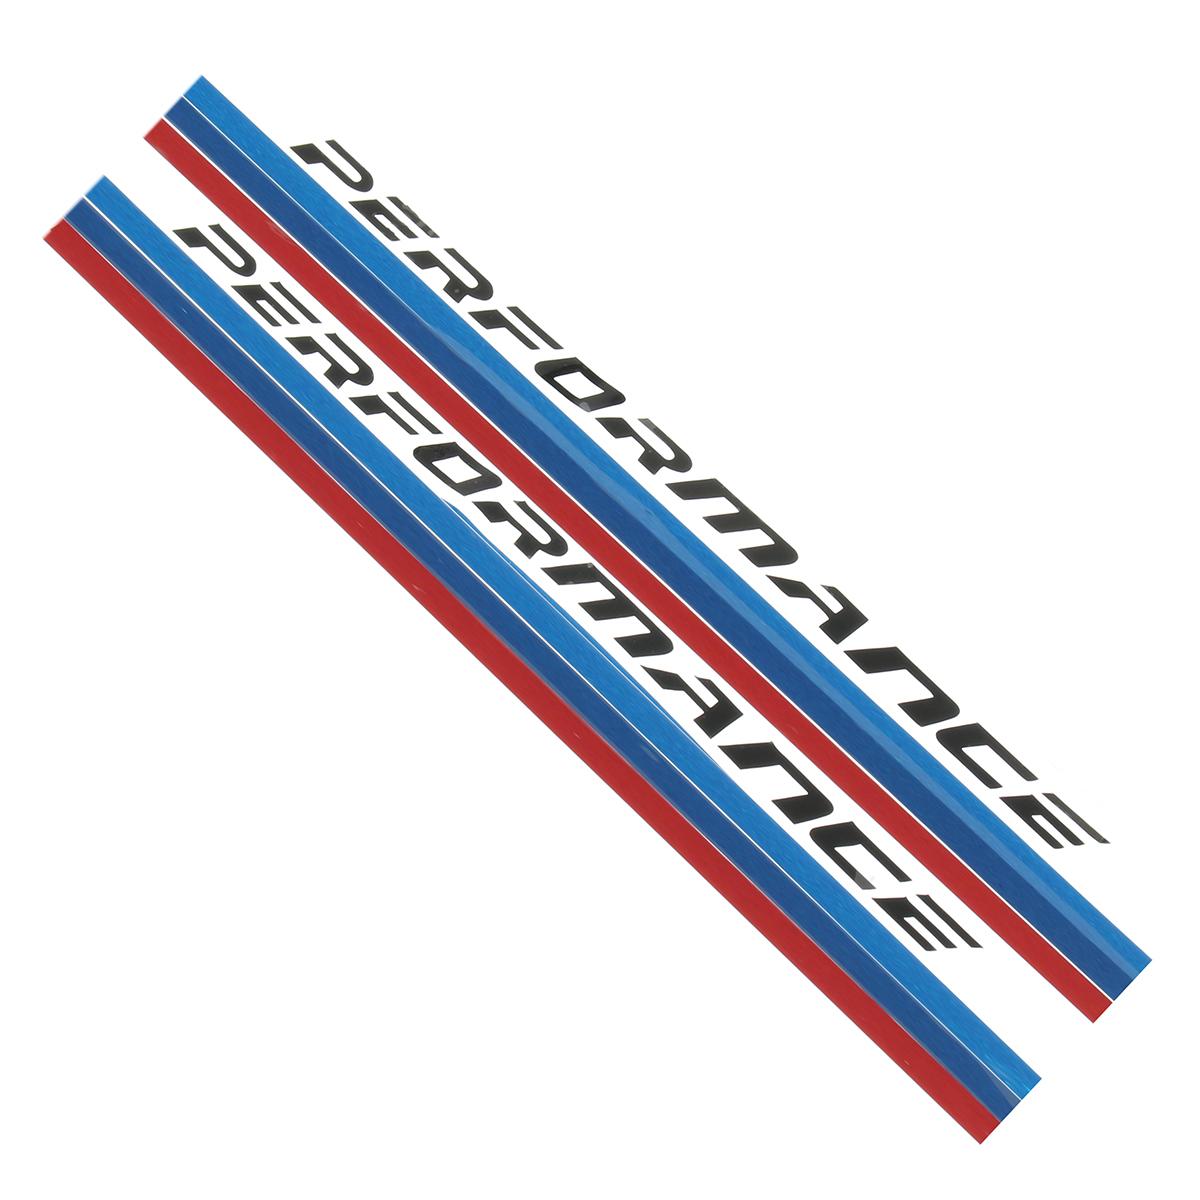 22x2.1cm Car Rearview Mirror Stickers for BMW E90 E46 F30 F10 F07 F34 X1 X3 X4 X5 E70 F15 X6 F1